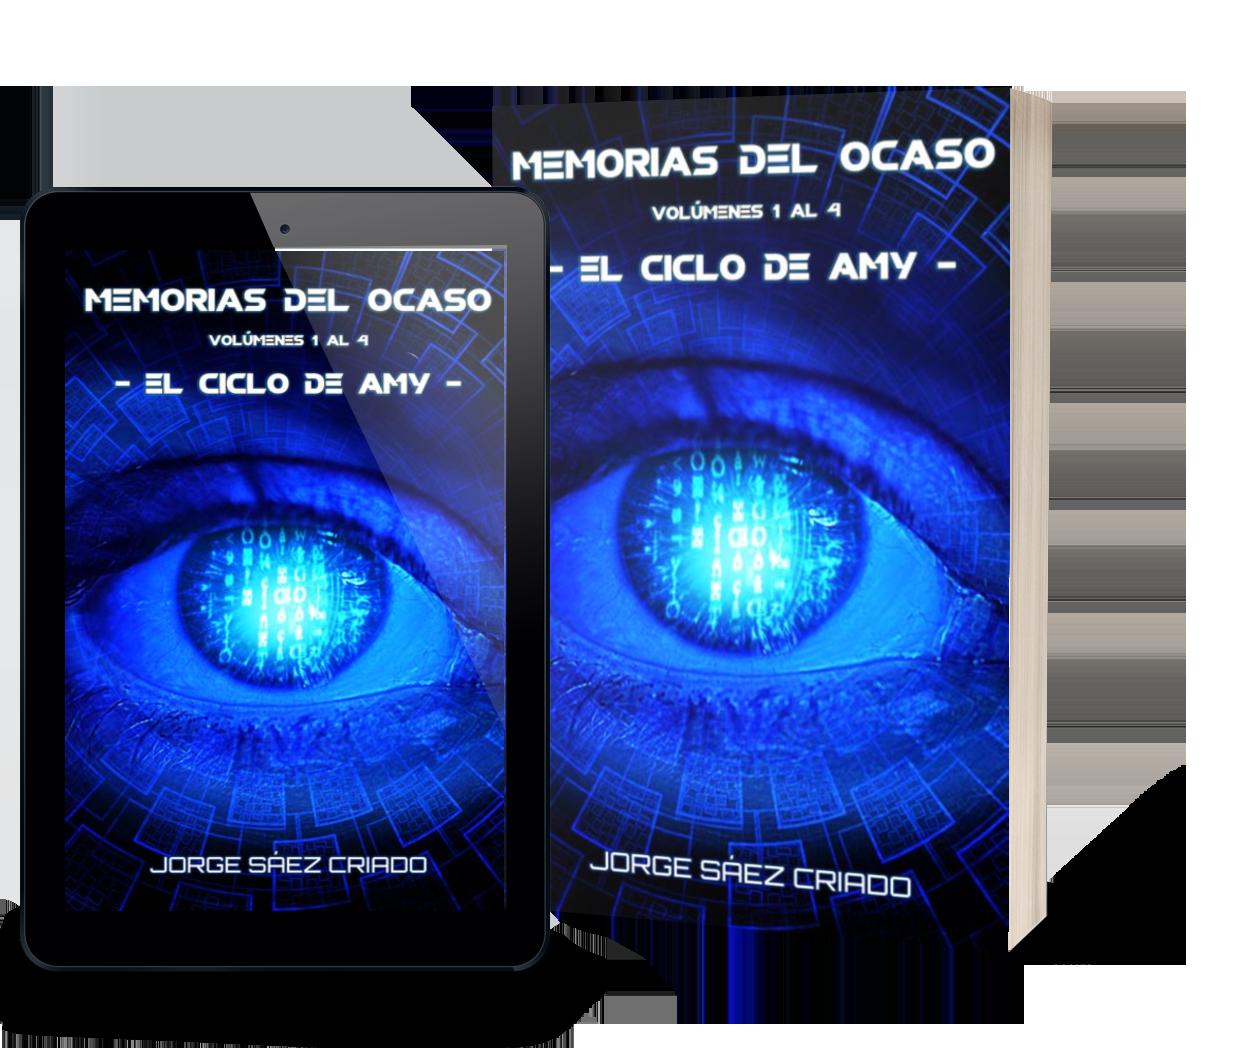 Memorias del ocaso: el ciclo de Amy Ciencia ficción Ciberpunk